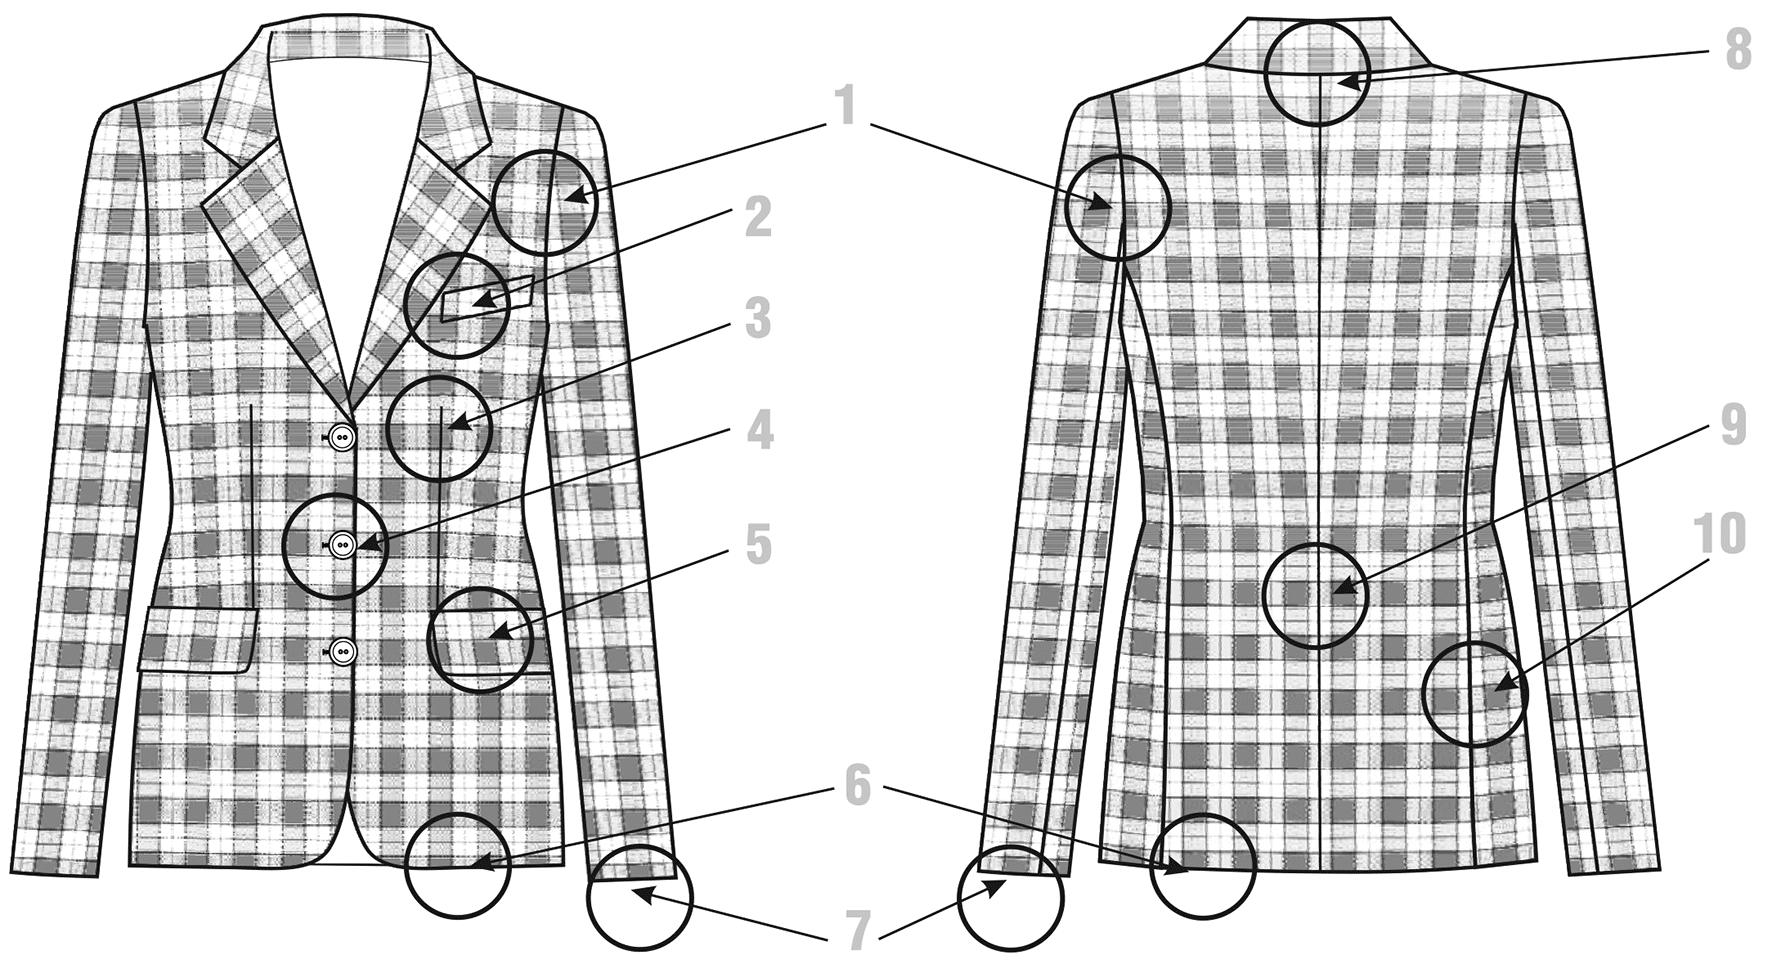 Zu sehen ist die Schnittgestaltung für Karomaterial. Ein Blazer aus Karo ist abgebildet.